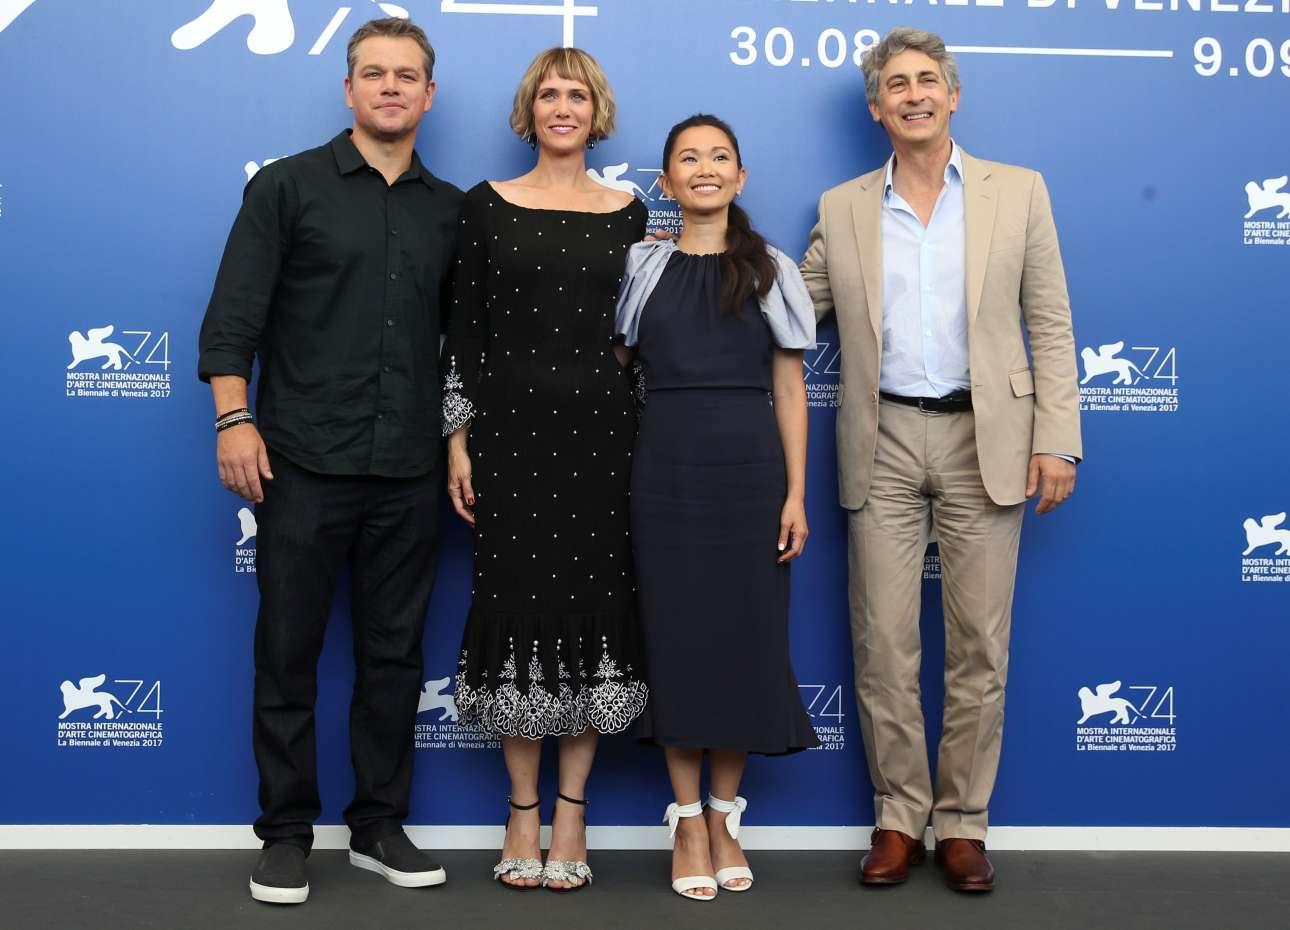 Ο σκηνοθέτης Αλεξάντερ Πέιν (δεξιά) ποζάρει με τους πρωταγωνιστές της ταινίας «Downsizing»: Ματ Ντέιμον, Κρίστεν Γουίγκ και Χονγκ Τσάου